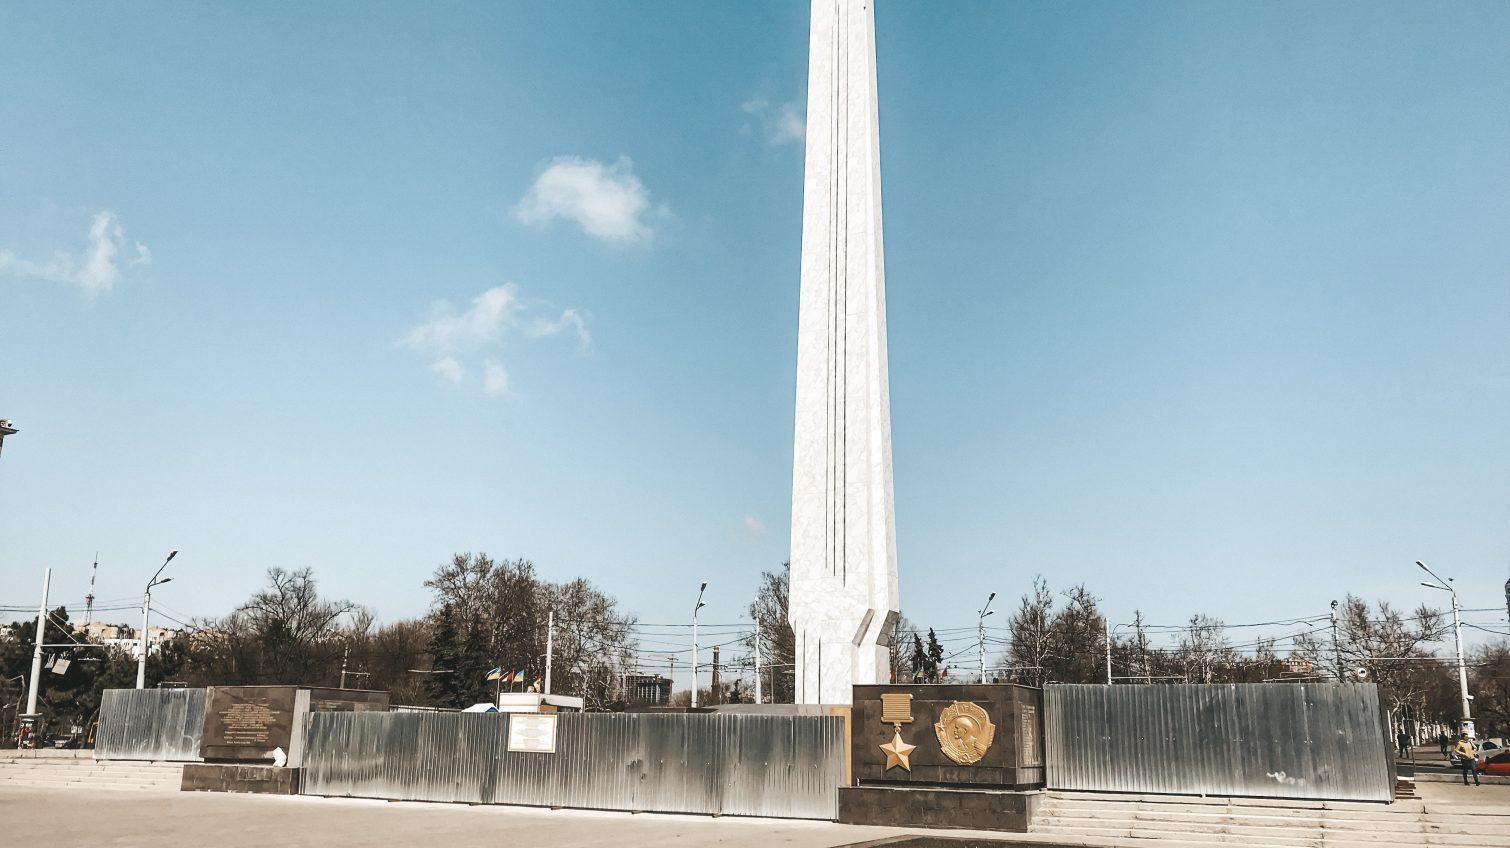 Реконструкция «Крыльев победы» на площади 10 апреля завершена: стелла пока за забором, а коммунальщики облагораживают клумбы (фото) «фото»